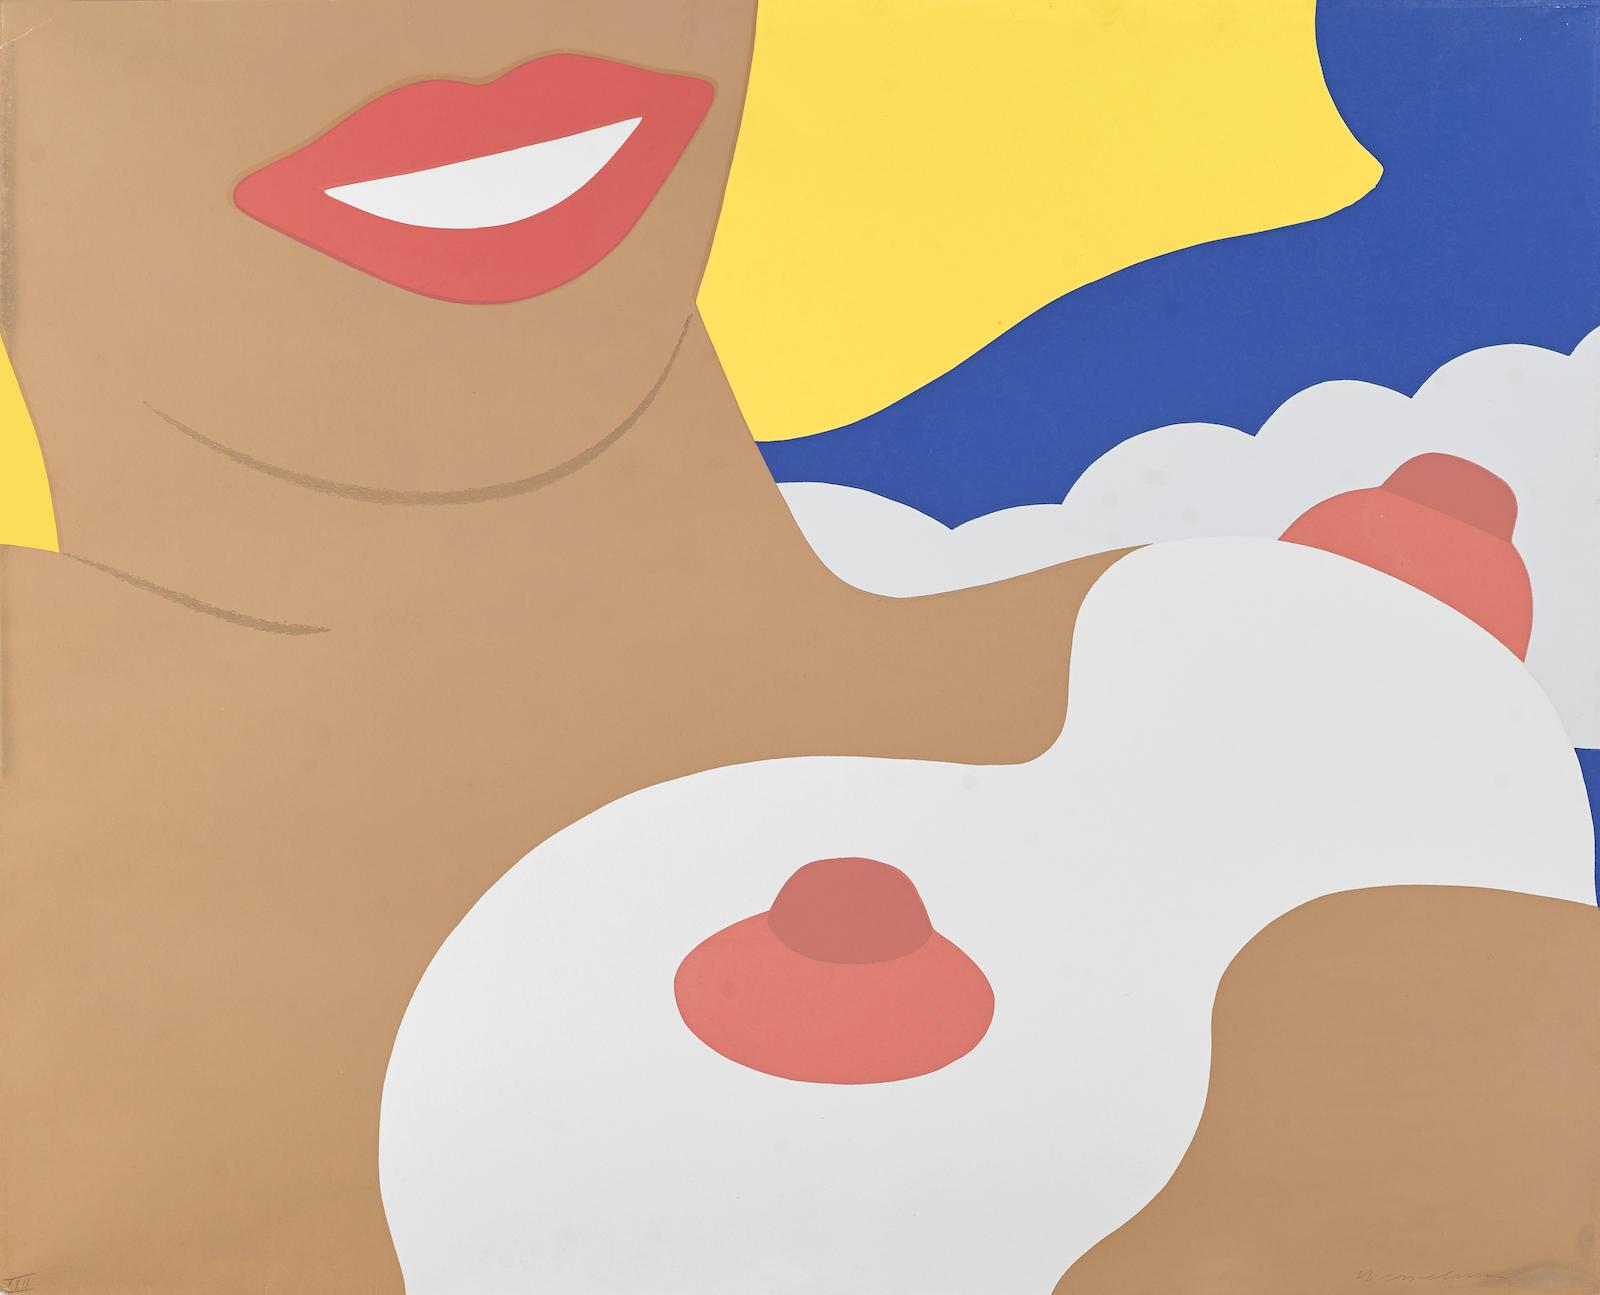 Tom Wesselmann-Nude, from 11 Pop Artists, Vol. II, 1965-1965